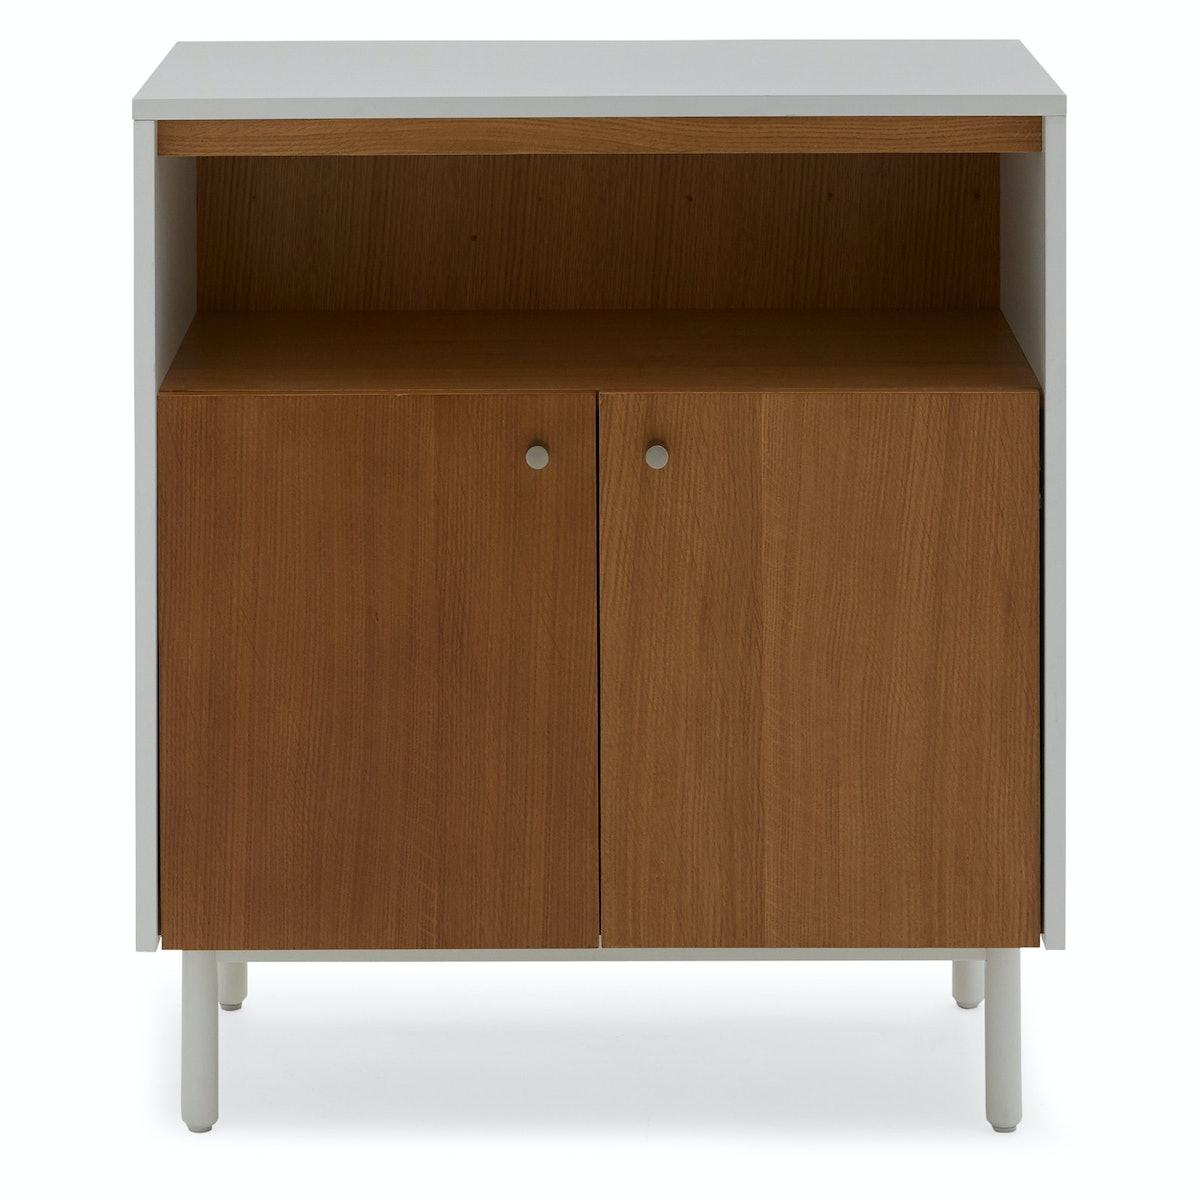 MoDRN Scandinavian Finna Wood Accent Cabinet - White and Light Oak